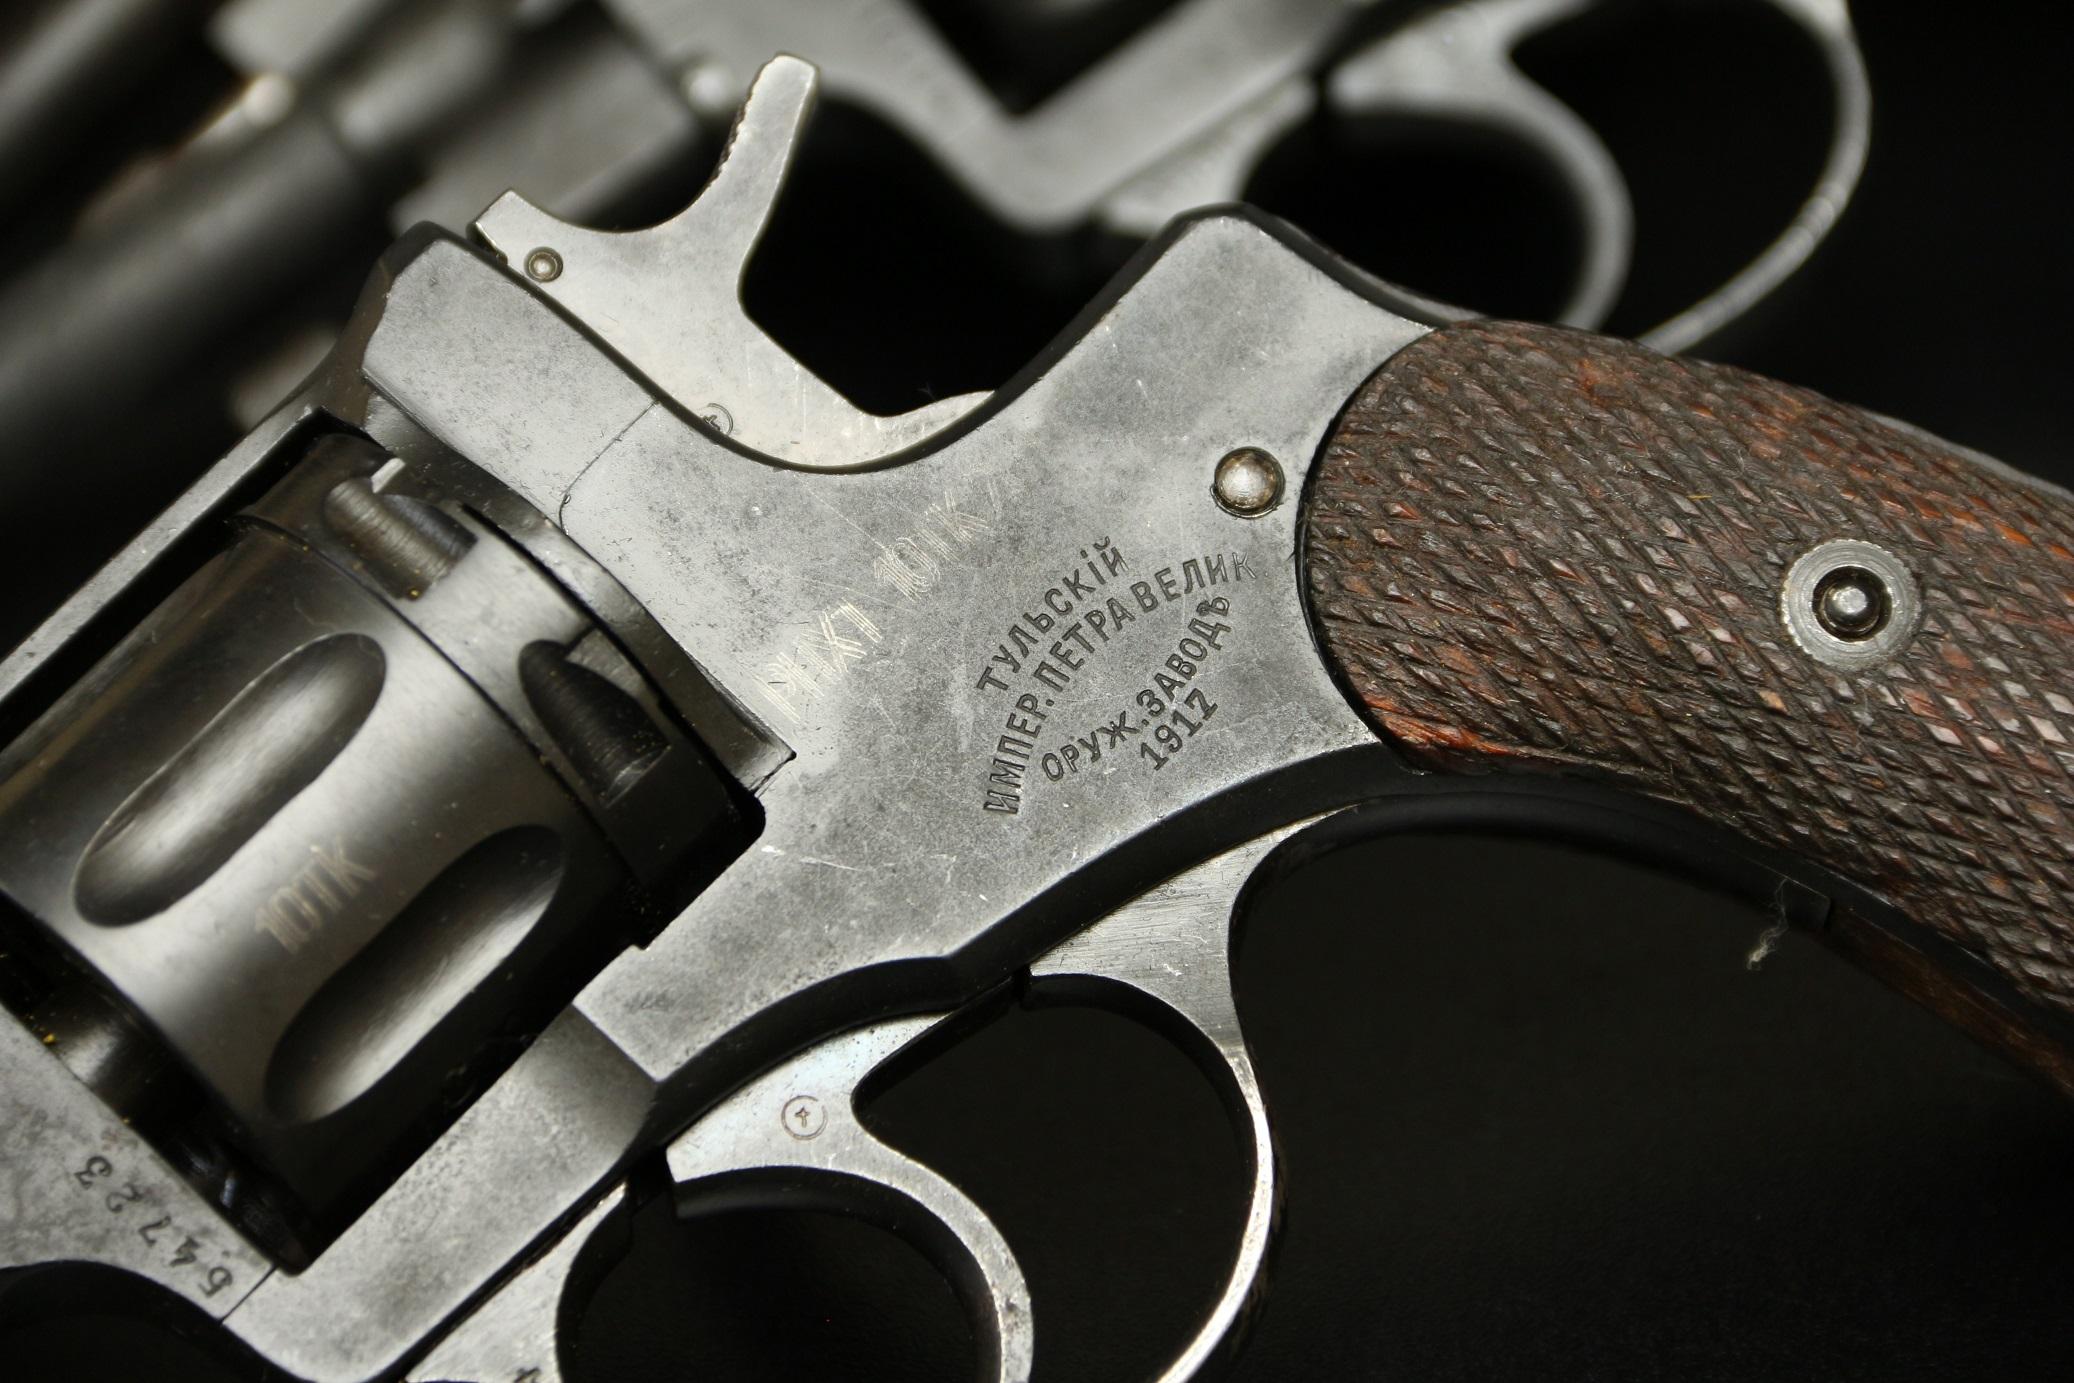 Фото Охолощенный револьвер Наган 1917 года №54723, революция, состояние